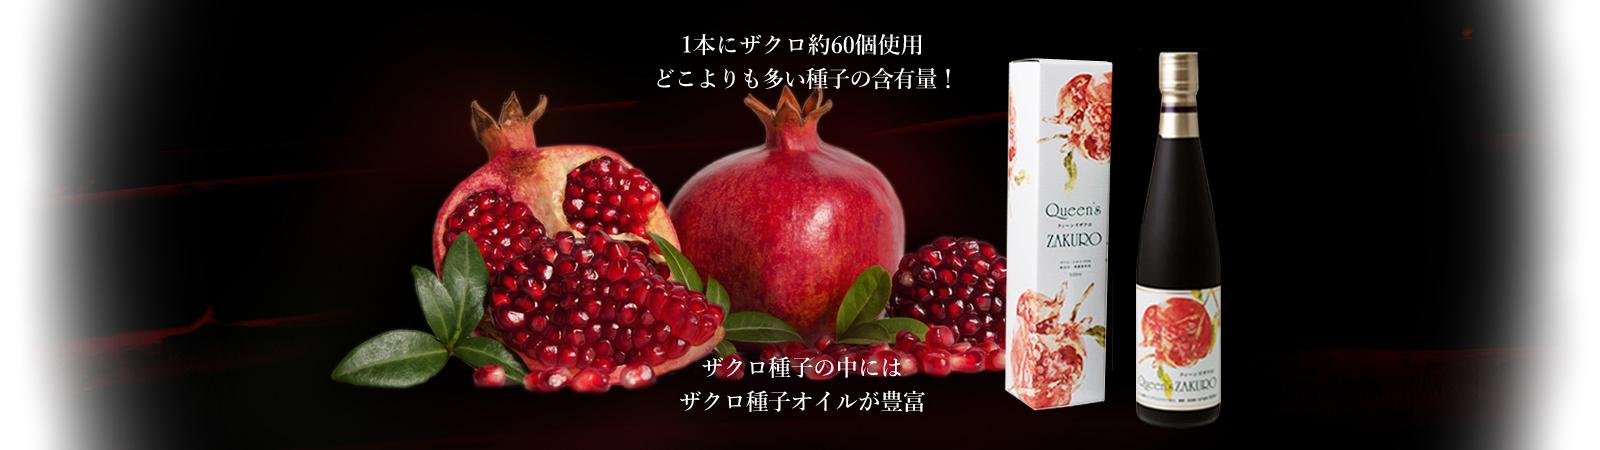 クィーンズザクロはペルシャ産赤ザクロ、黒ザクロ約60個使用しているから濃厚!